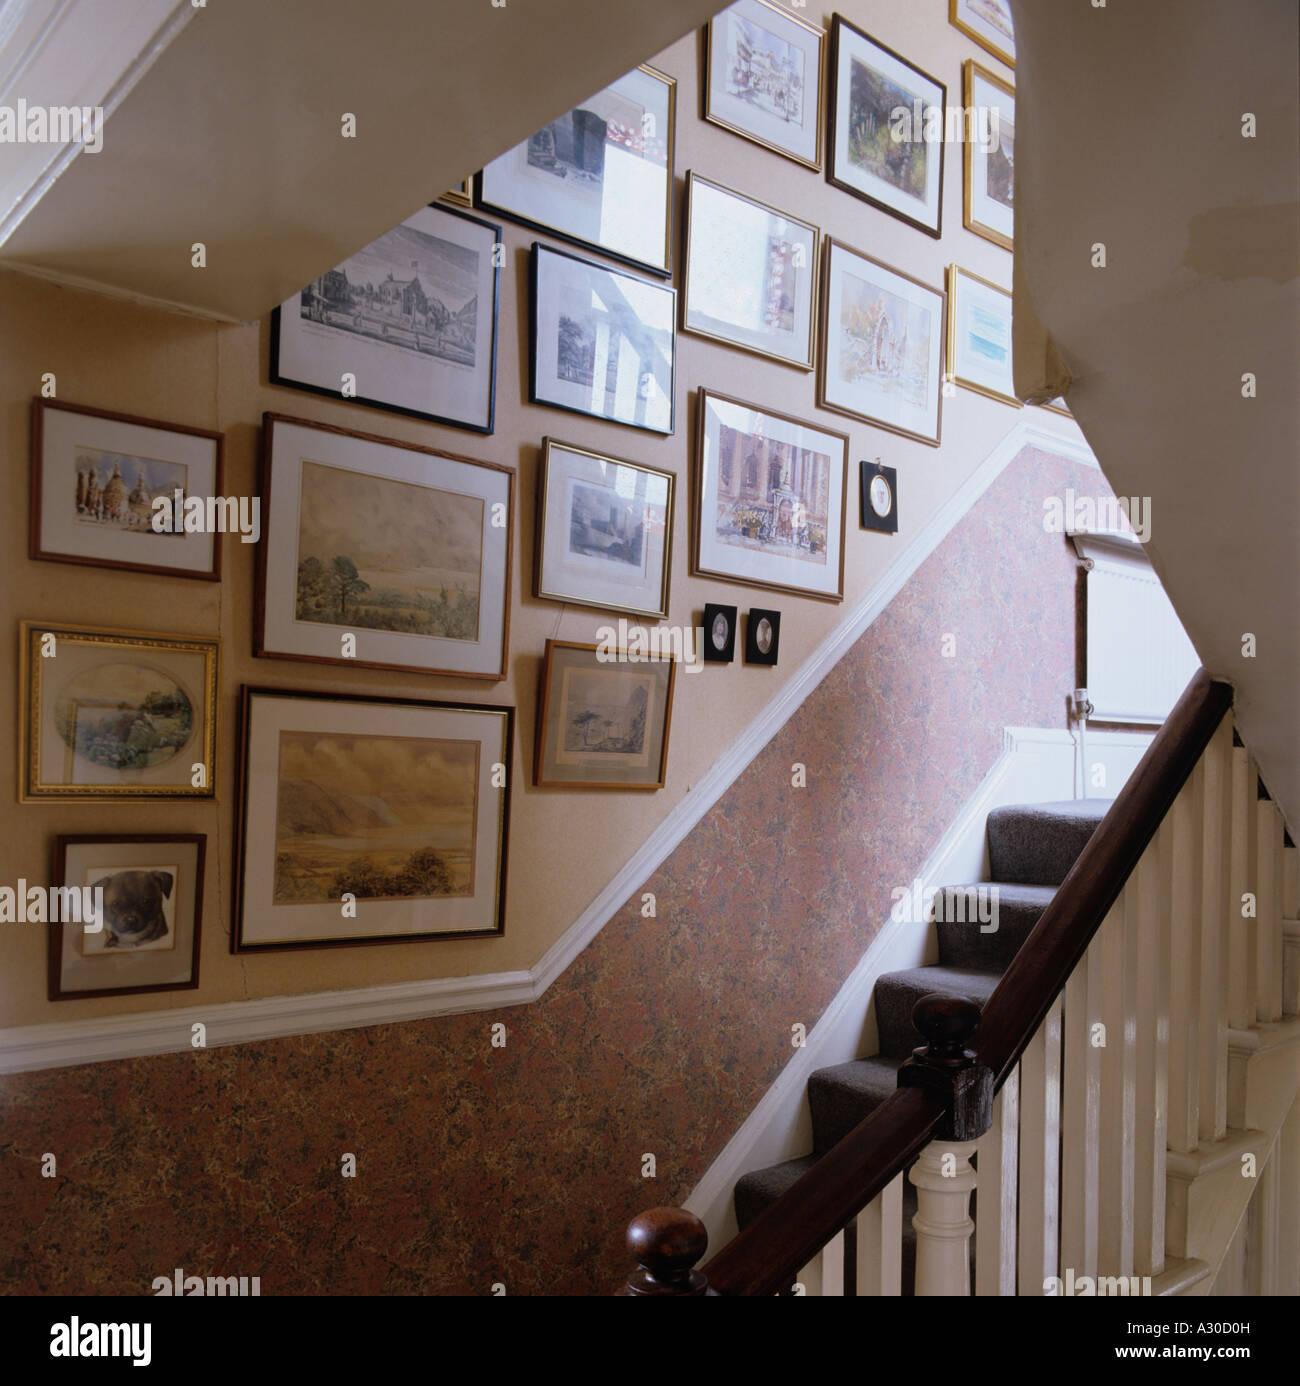 Escalera y pared de fotografías e ilustraciones Imagen De Stock